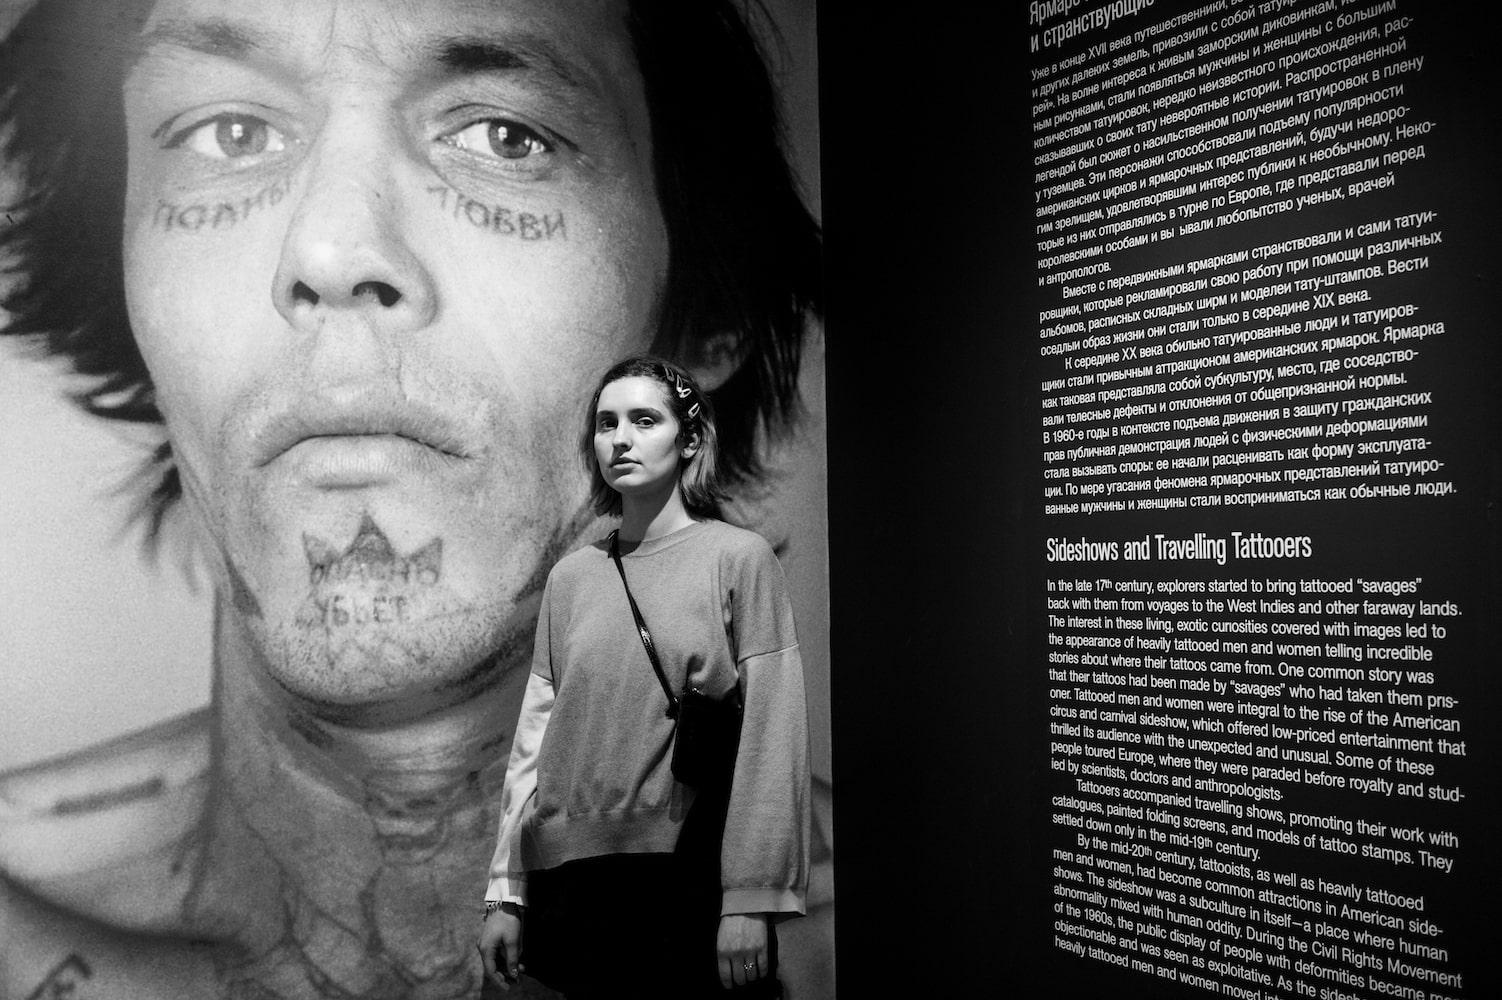 #янеприкроватныйковрик: тату-мастера — о том, как татуировка пришла из субкультур в музей (фото 2)